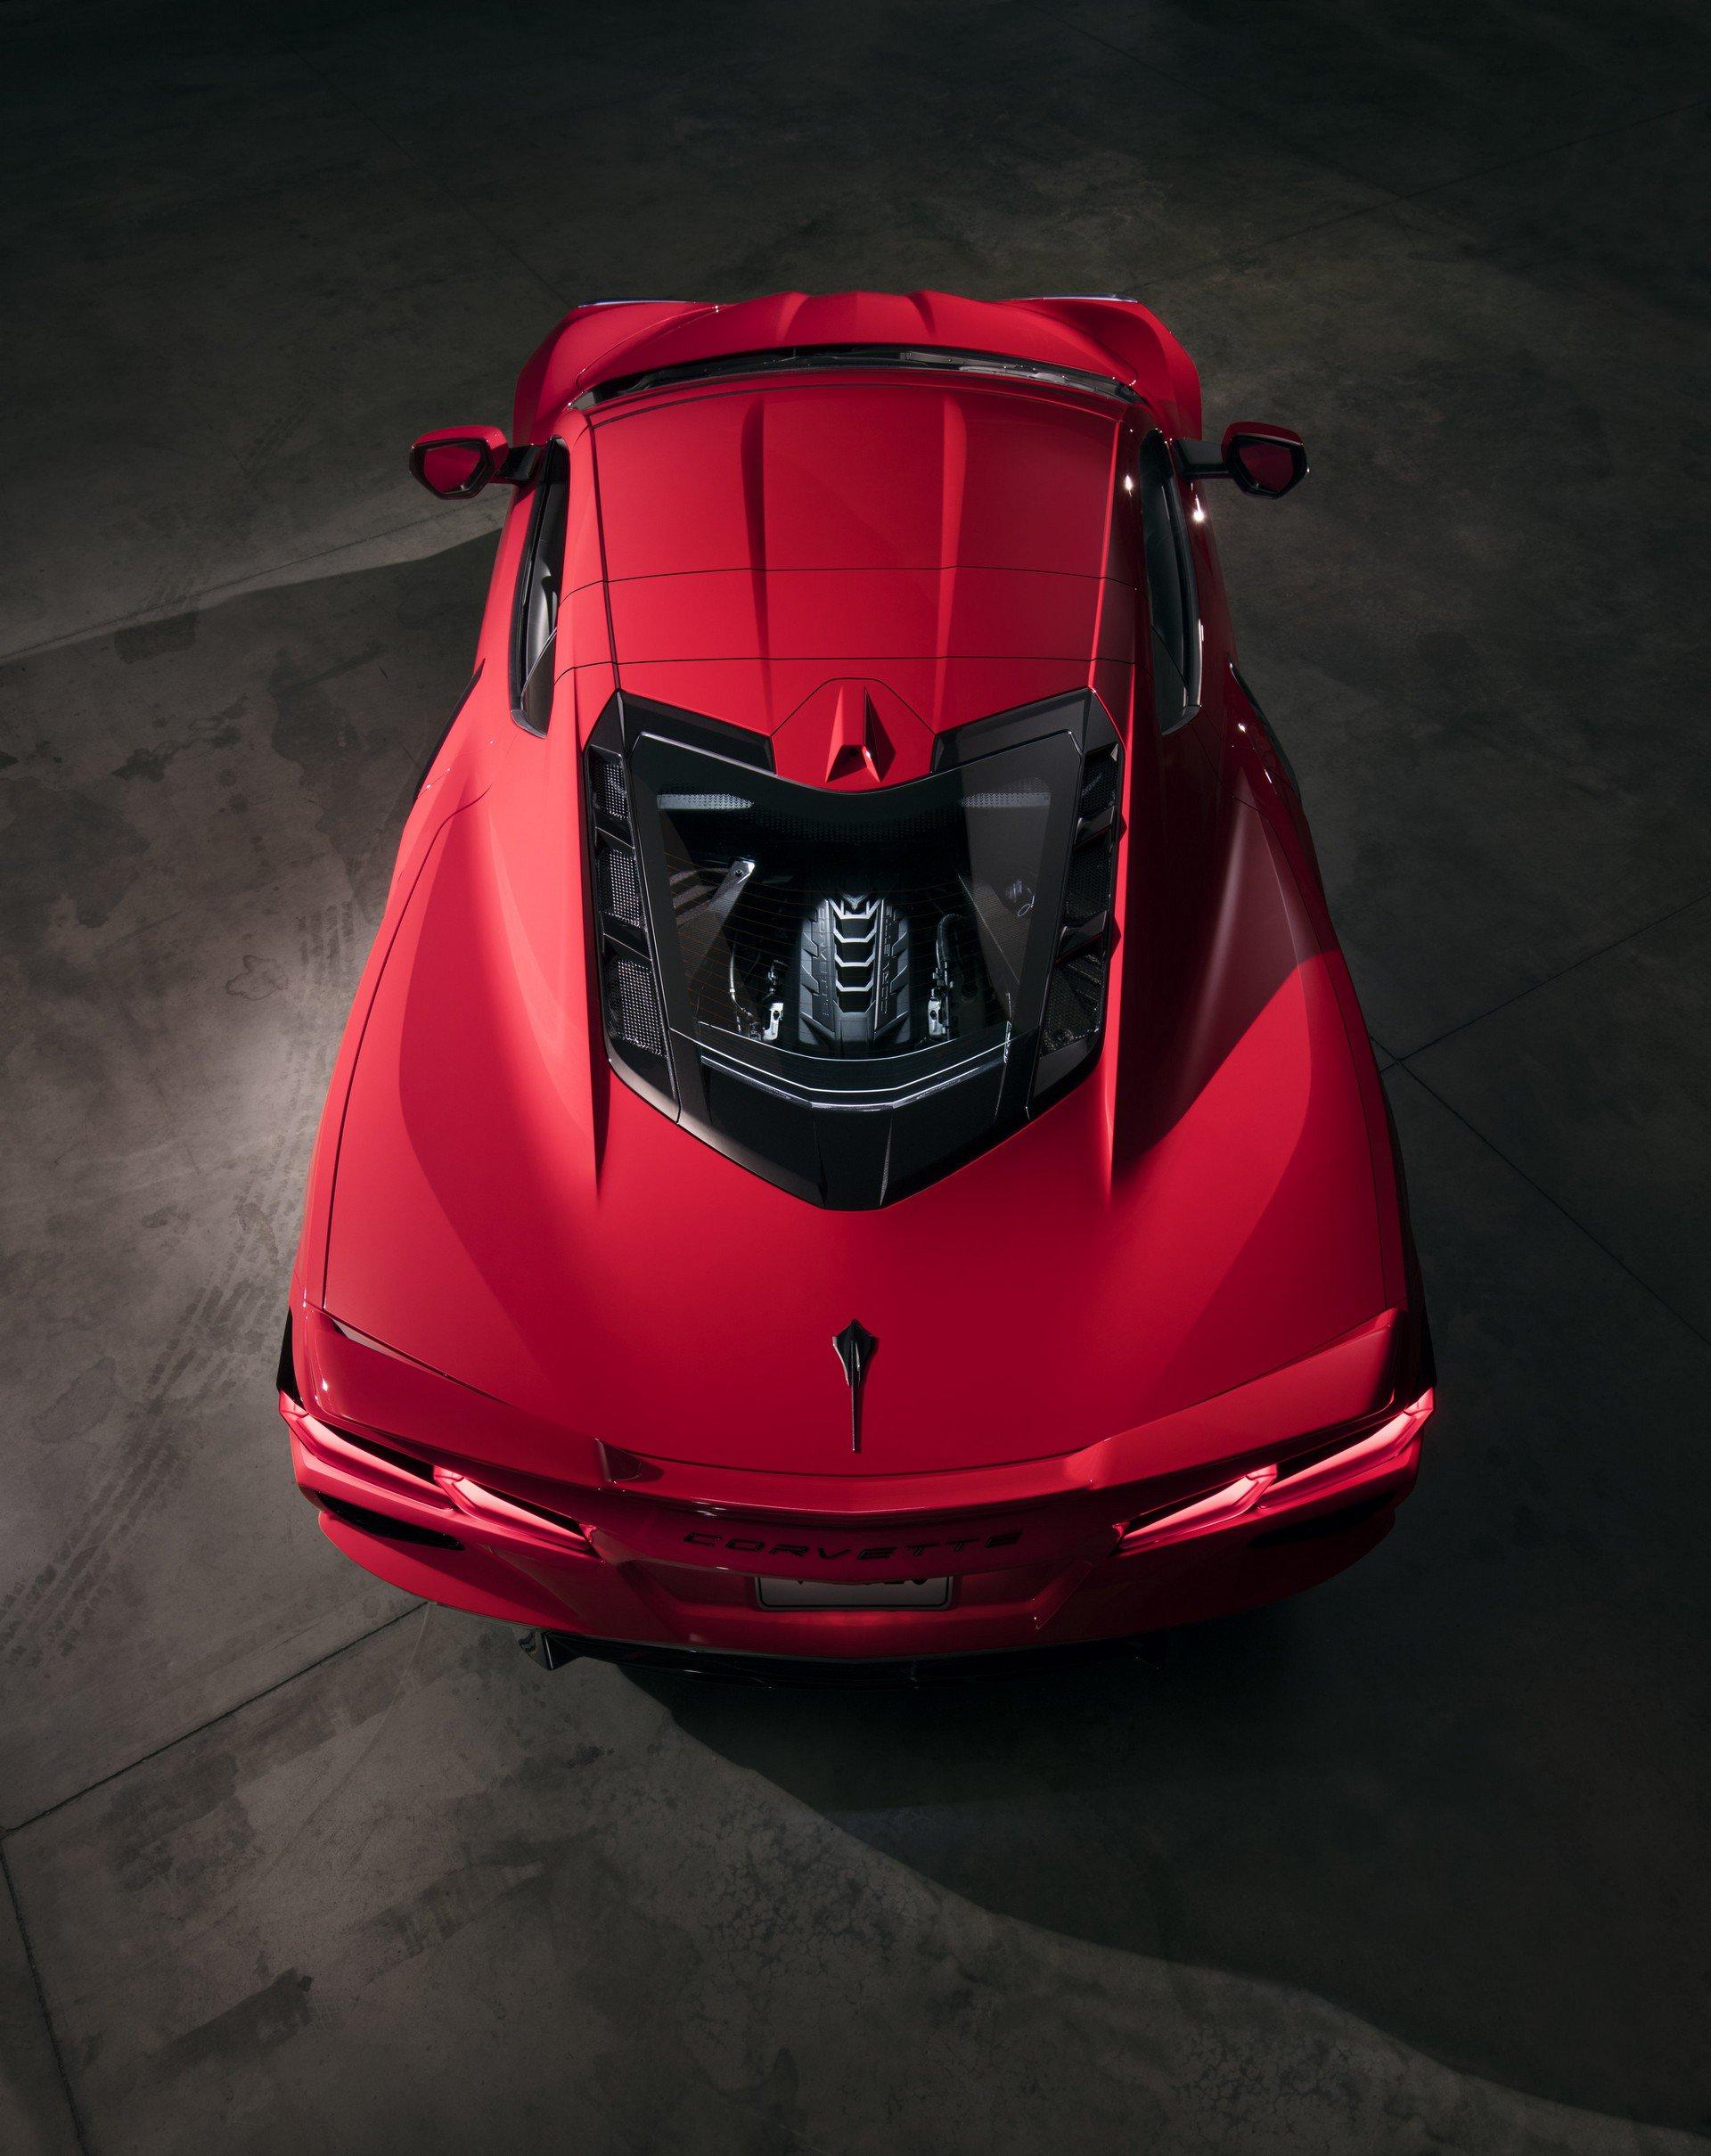 Chevrolet ra mắt Corvette C8 thế hệ mới thiết kế táo bạo, động cơ đặt giữa - 17